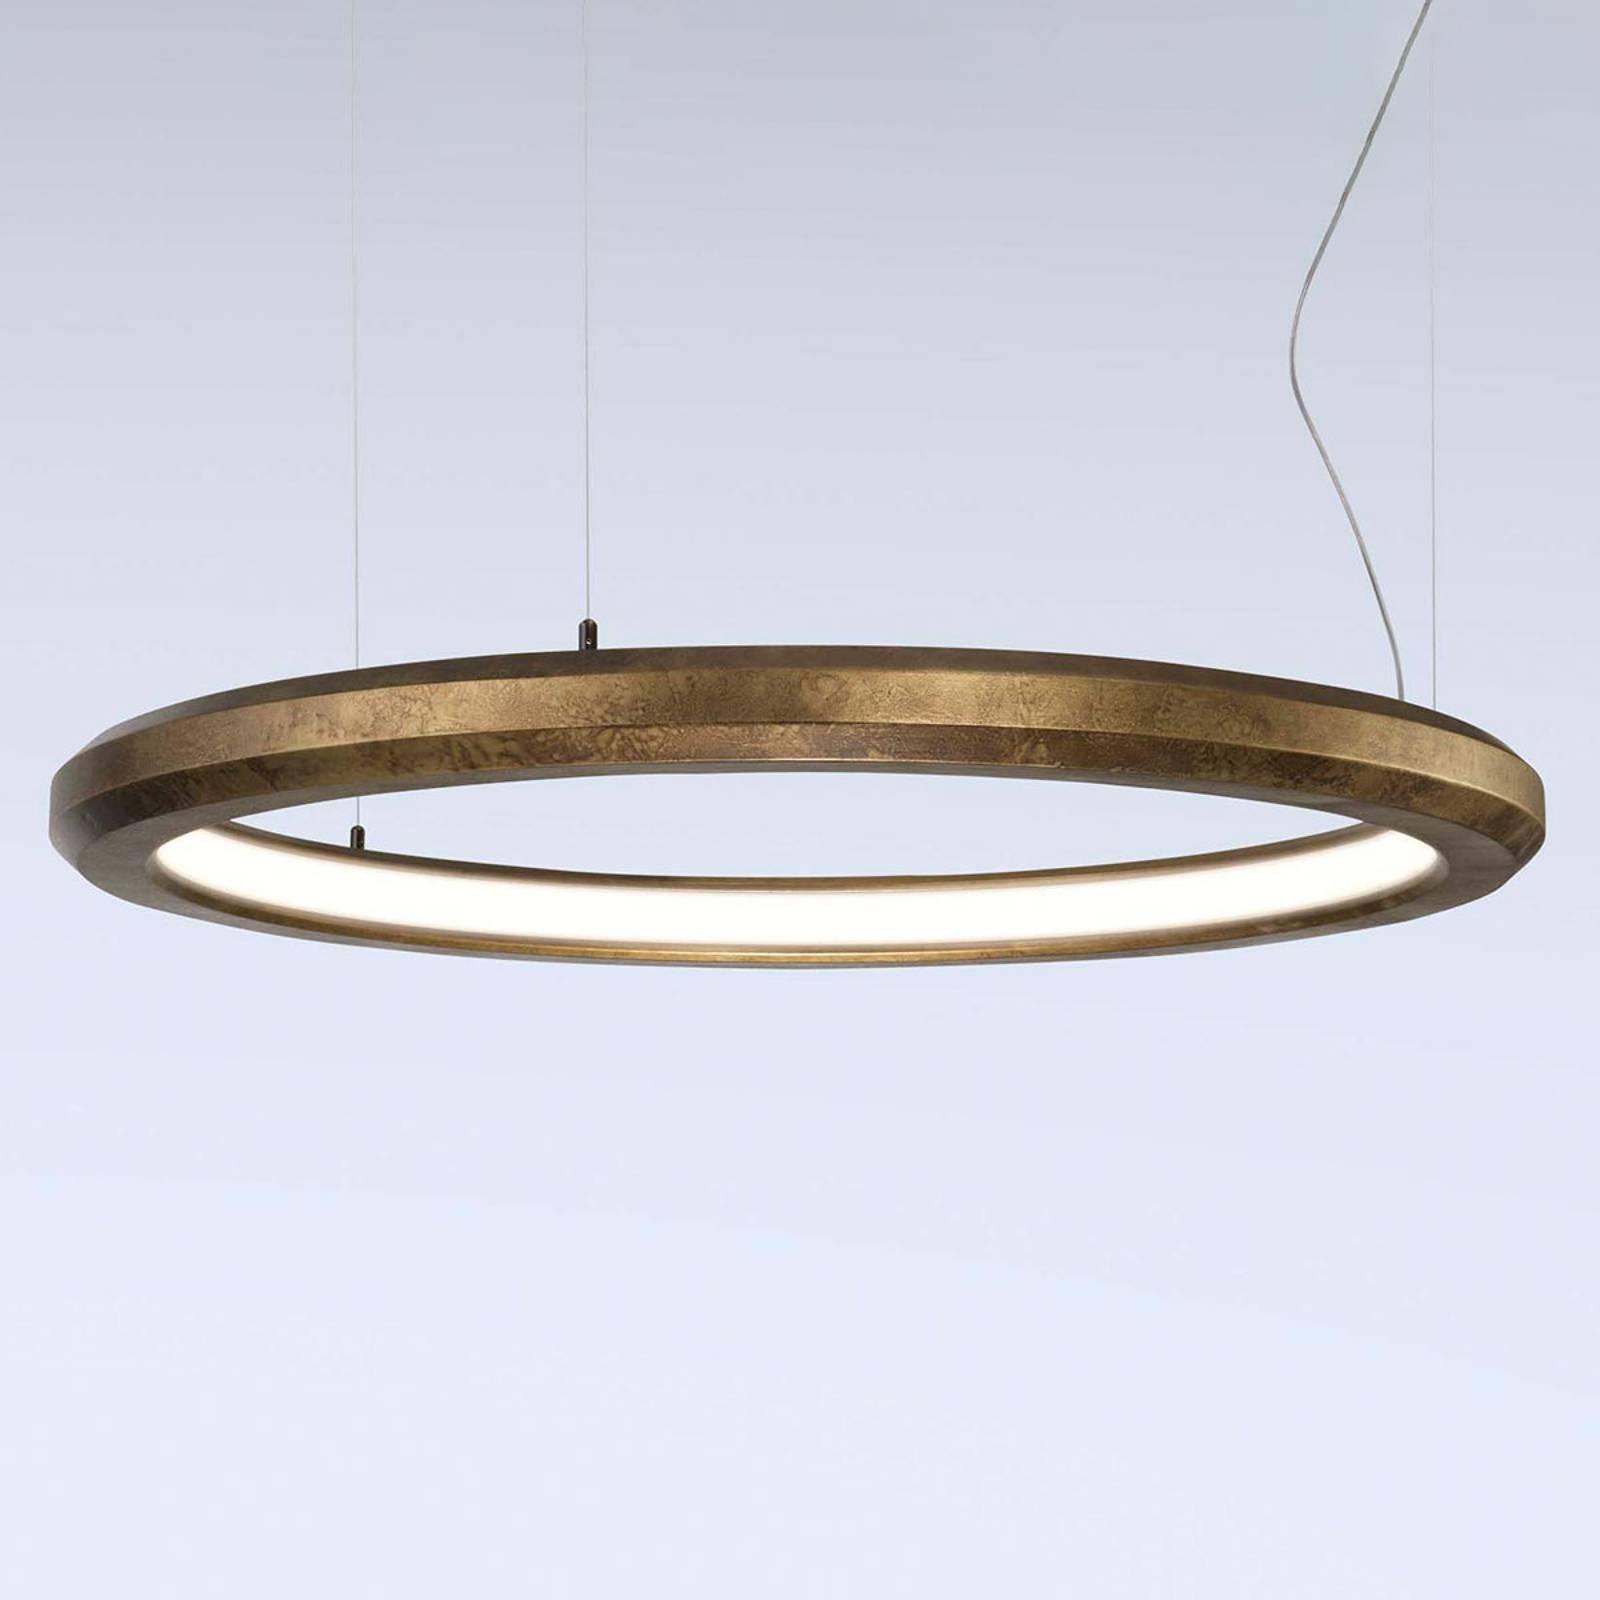 LED-Hängeleuchte Materica innen Ø 90 cm messing